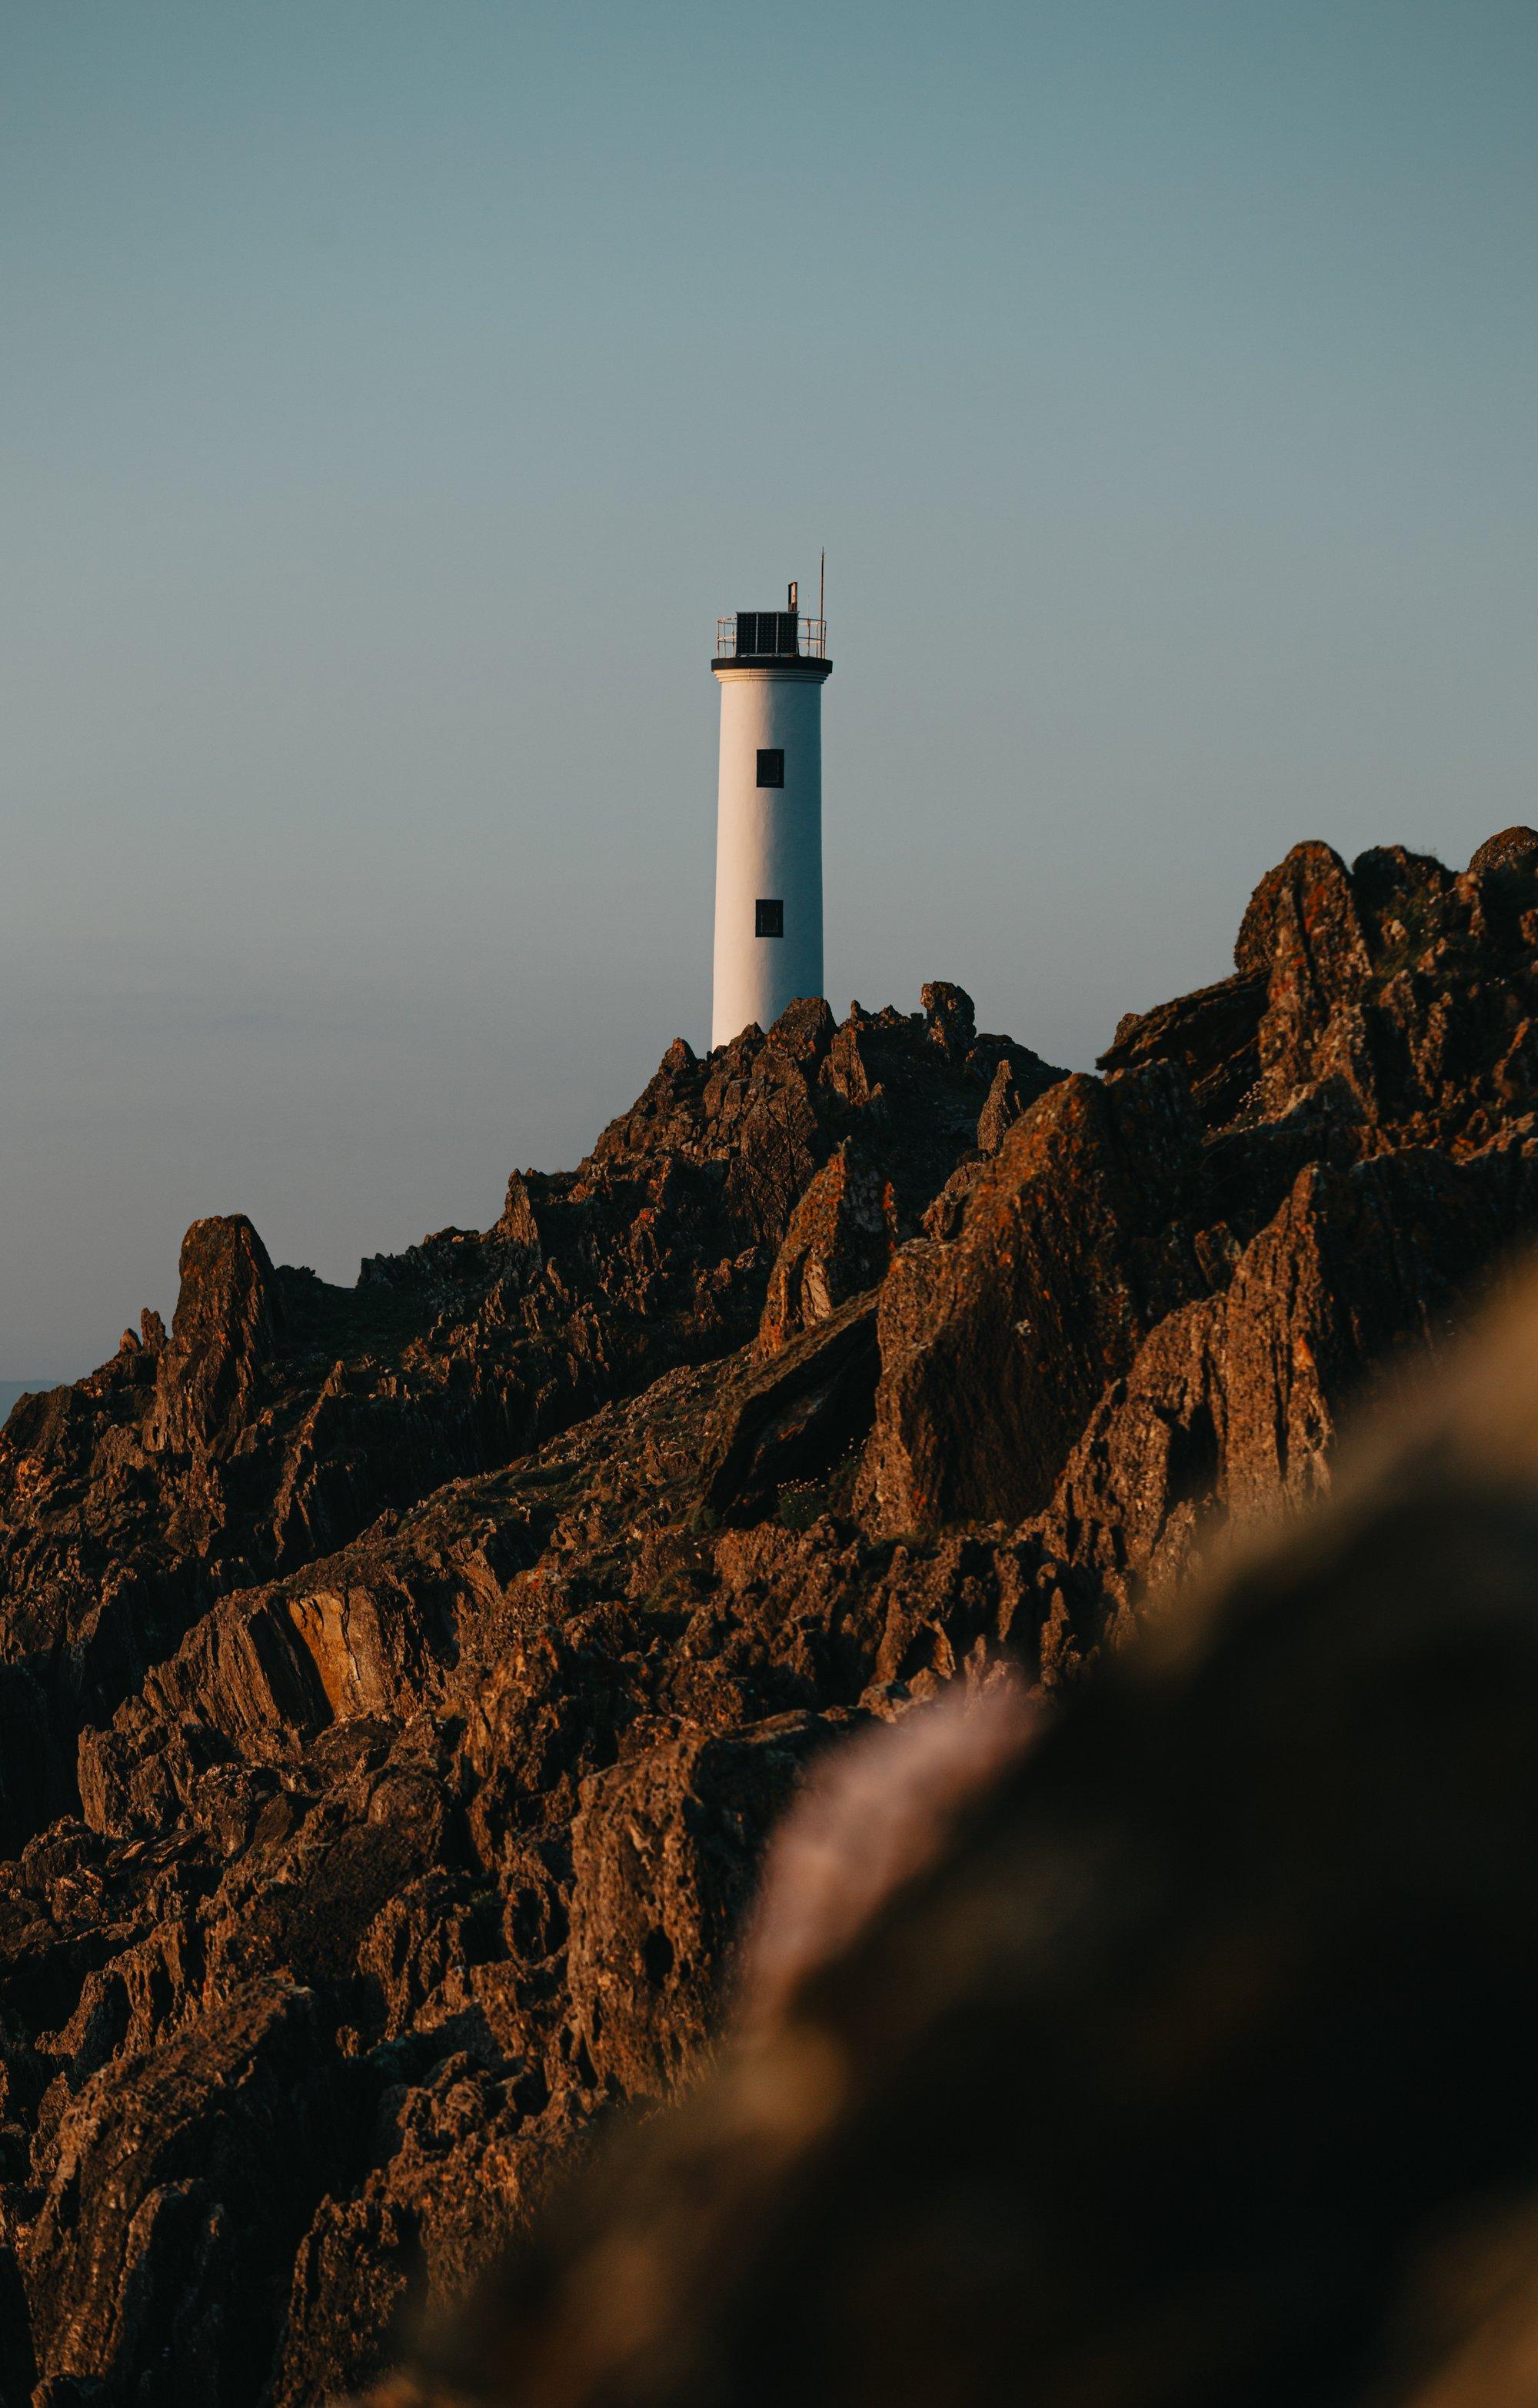 a lighthouse sits on top of a sharp mountain ridge 一座灯塔坐落在一座陡峭的山脊上。